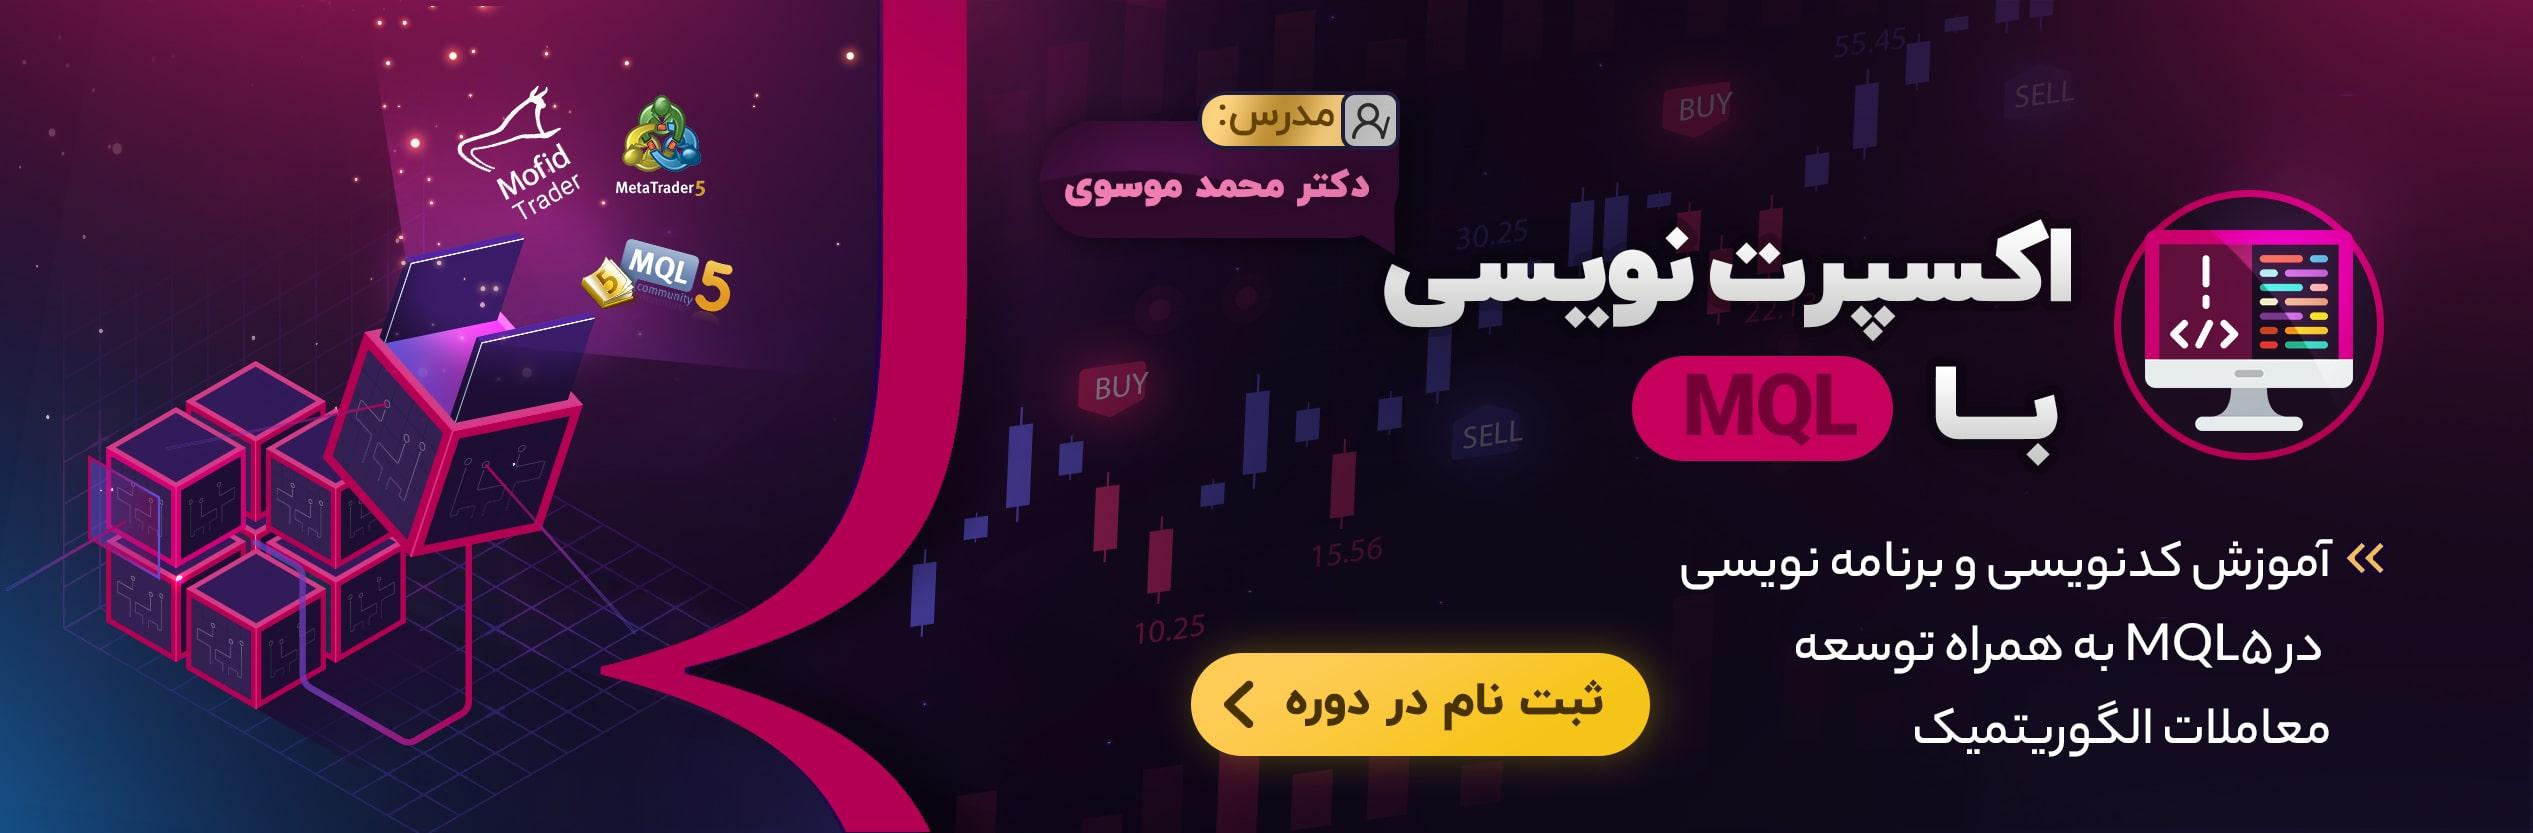 برنامه نویسی MQL (مجازی)(اکسپرت نویسی) (امرداد 1400)